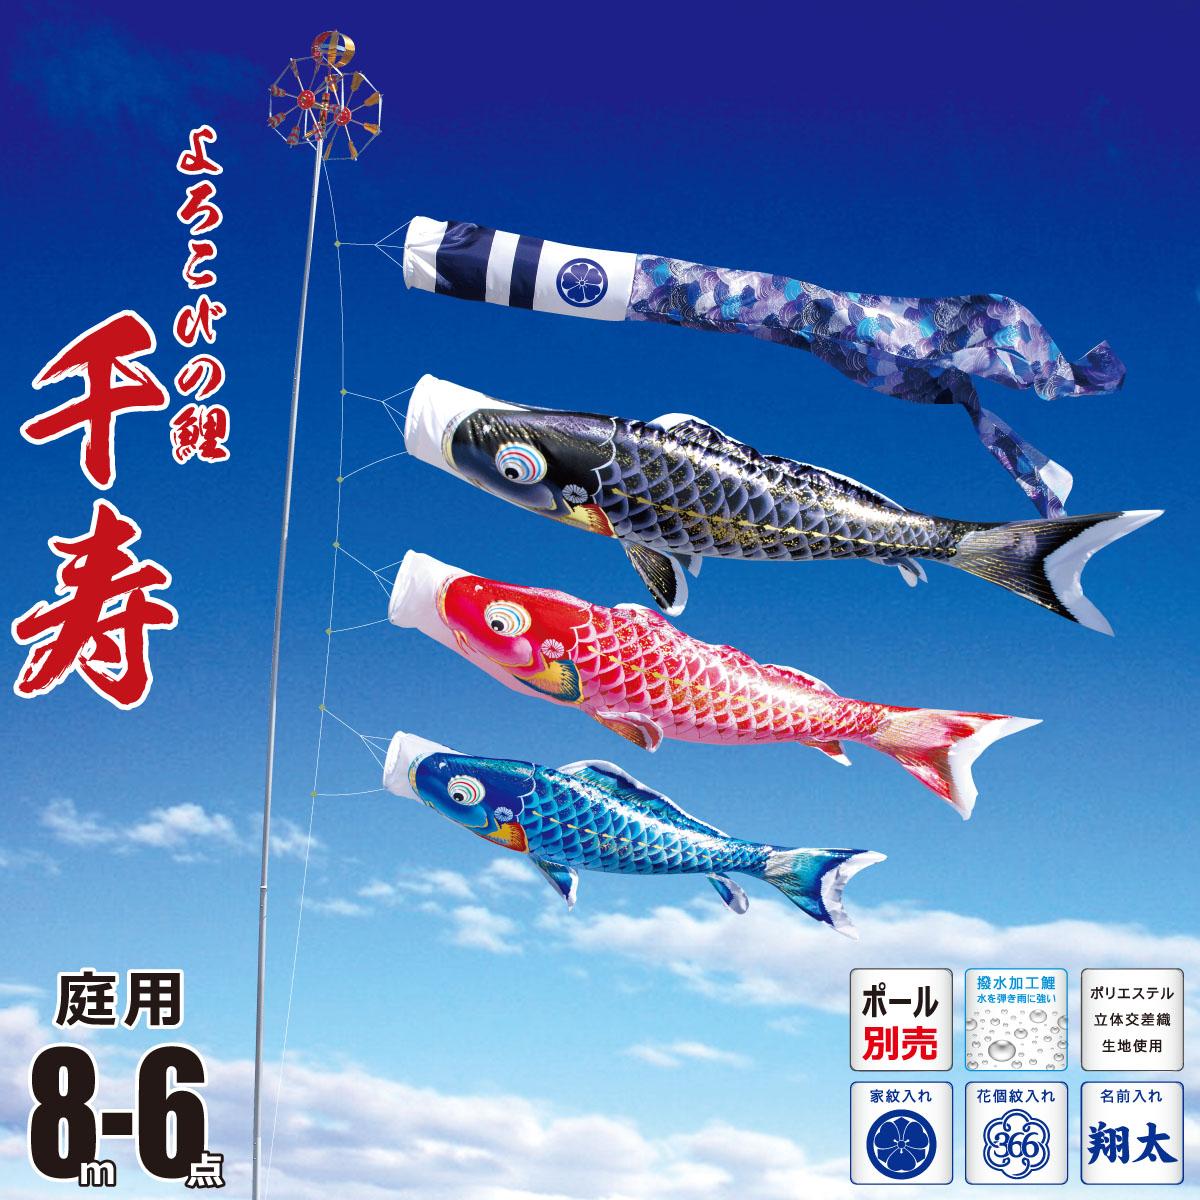 こいのぼり 8m 千寿 6点 (矢車、ロープ、吹流し、鯉3匹) 庭園用 (ポール別売り) 徳永鯉のぼり KIT-001-300